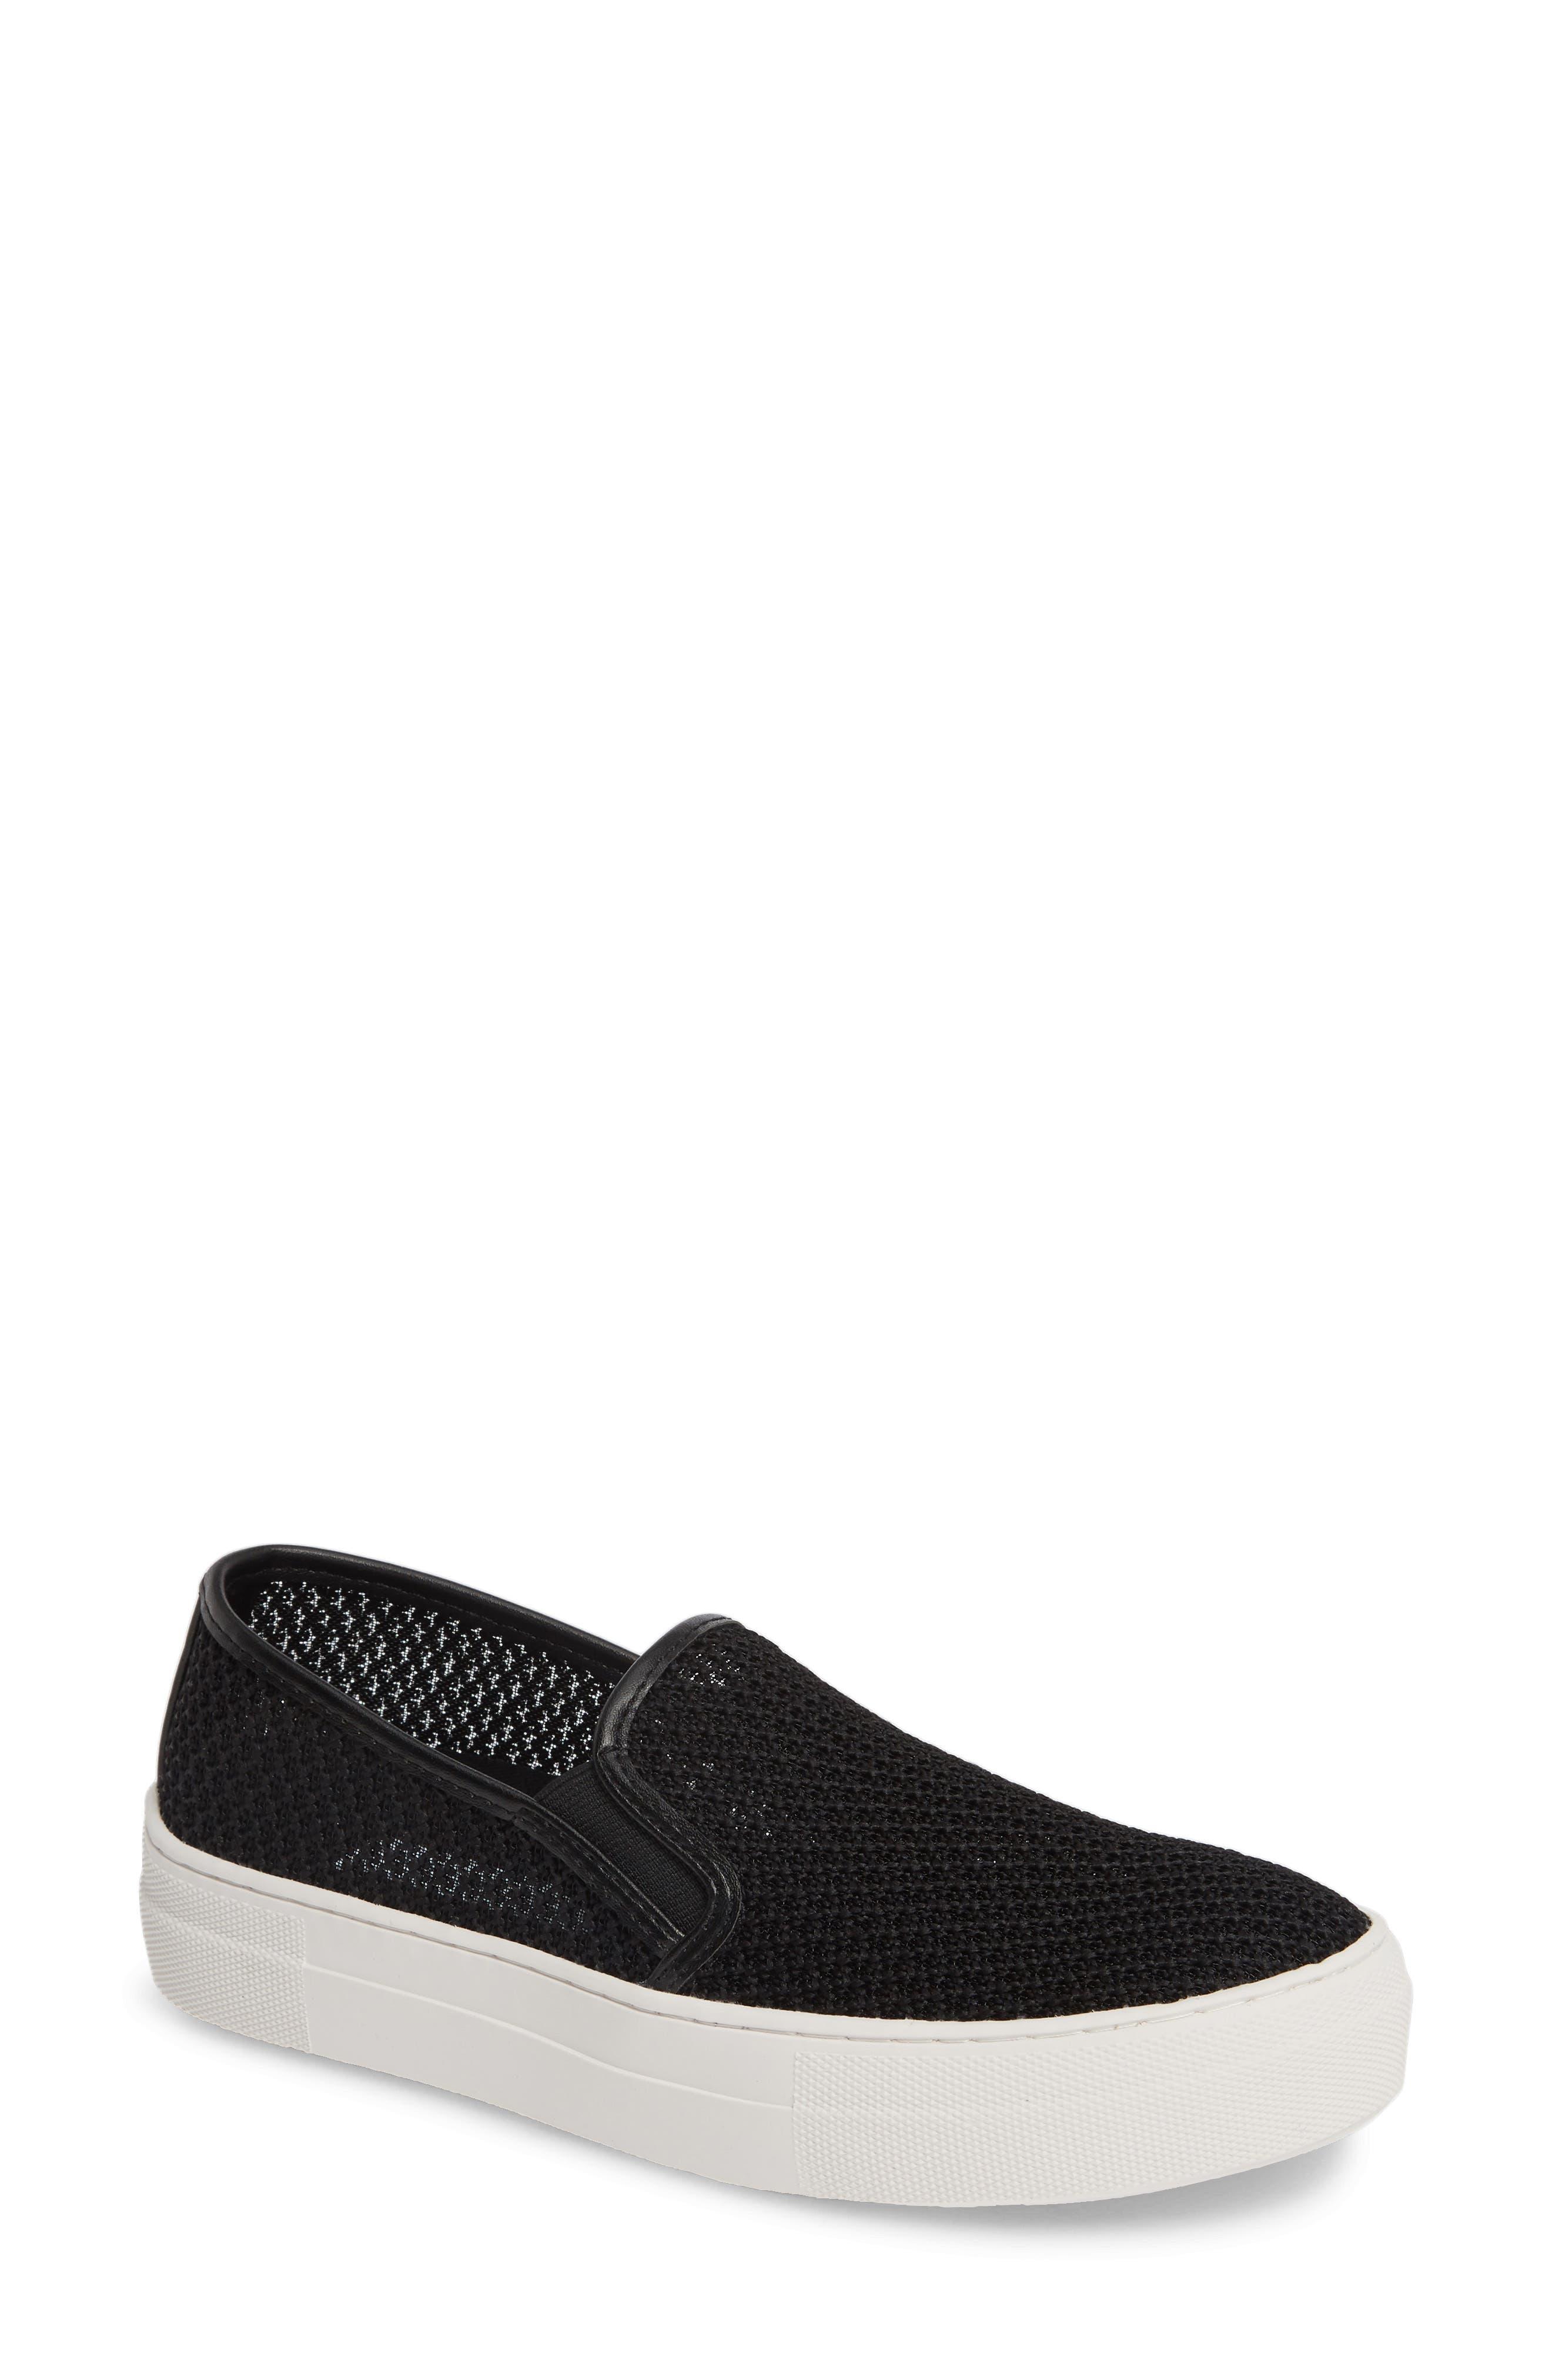 STEVE MADDEN Gills-M Mesh Slip-On Sneaker, Main, color, BLACK